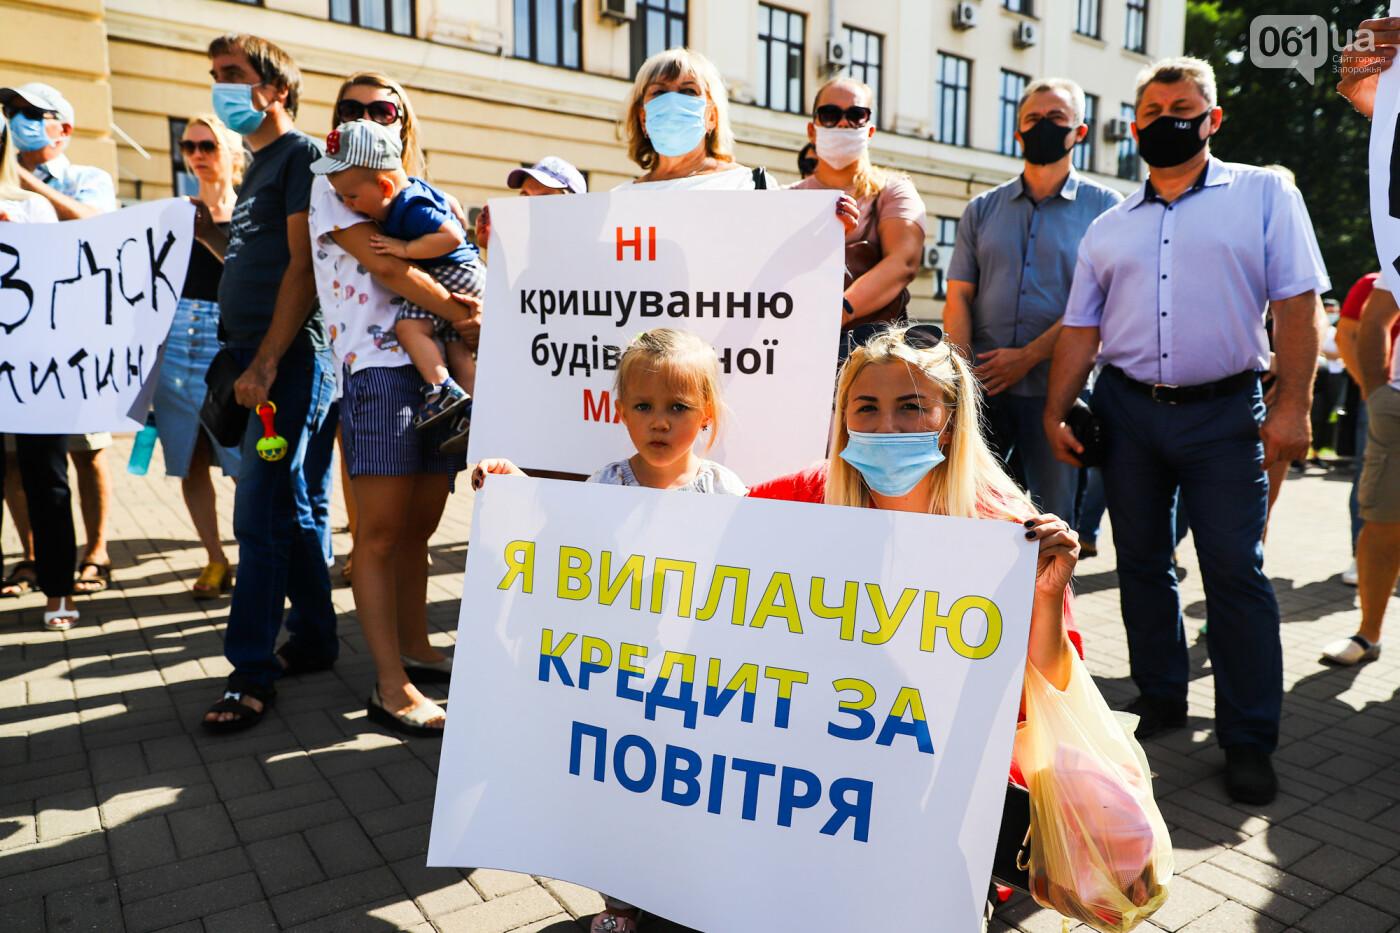 «Я выплачиваю кредит за воздух»: жильцы недостроенных многоэтажек вышли на митинг под стенами мэрии, - ФОТОРЕПОРТАЖ, фото-5